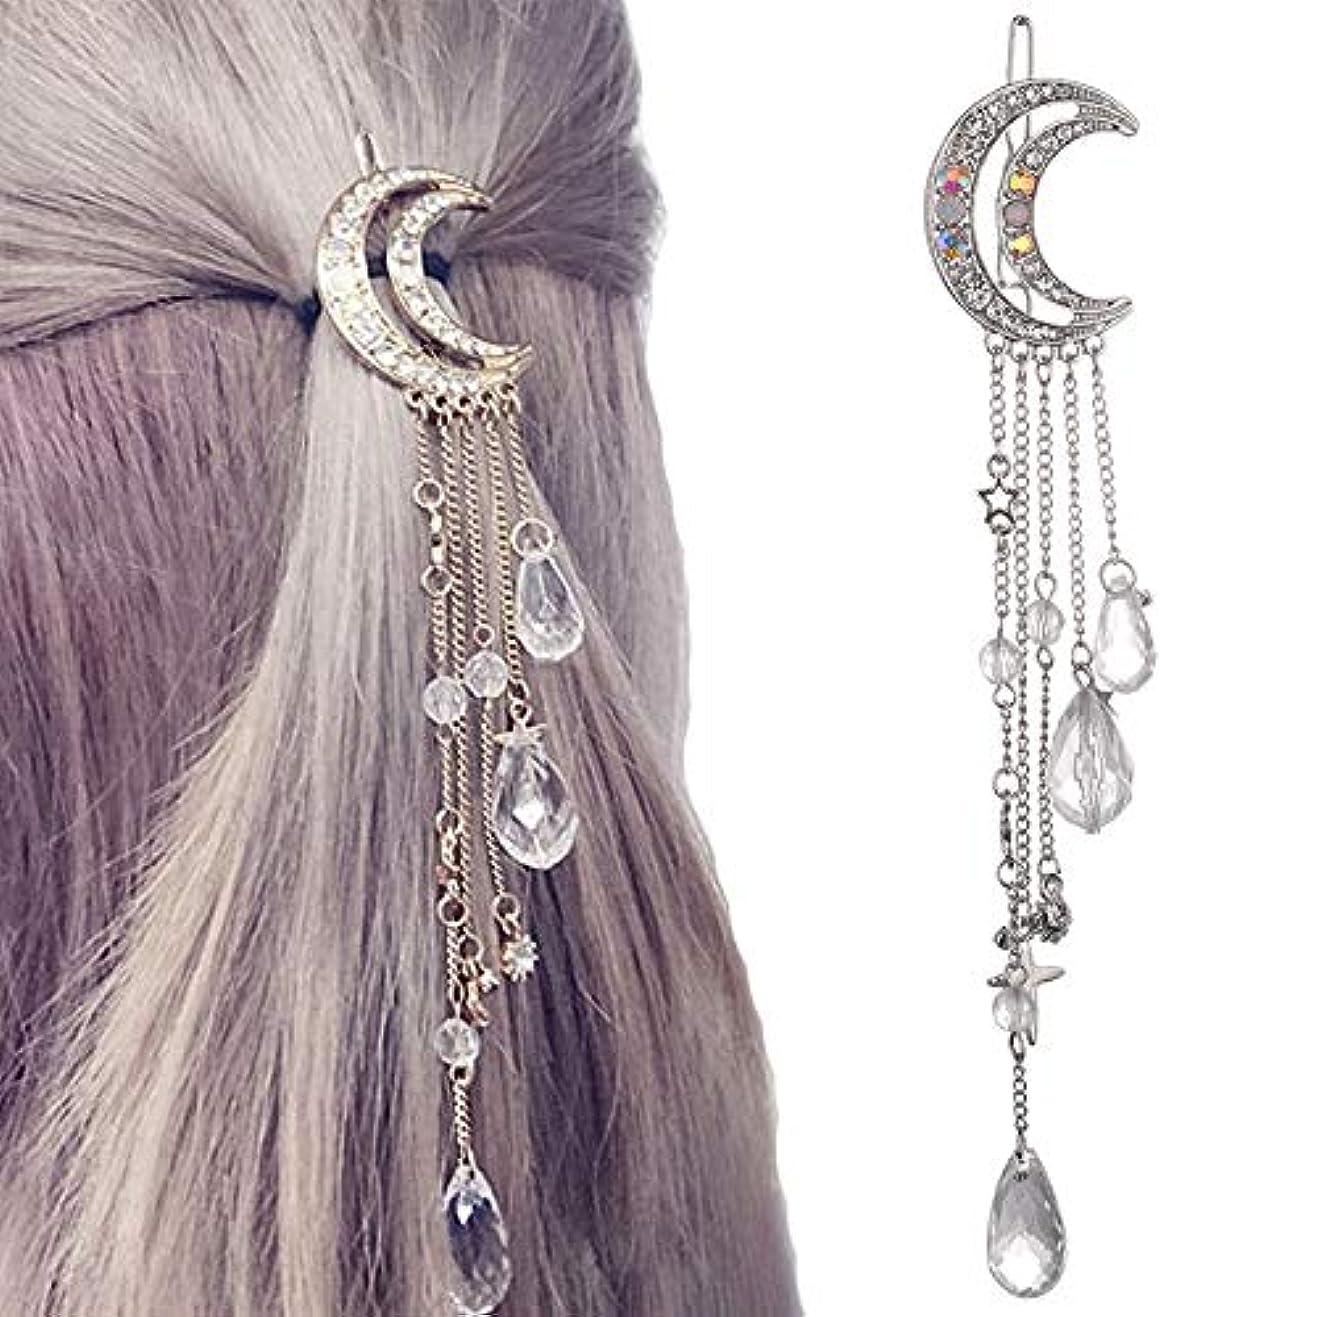 補う小麦豚肉Hairpinheair YHMファッションエレガントな女性レディムーンラインストーンクリスタルタッセルロングチェーンビーズブラブラヘアピンヘアクリップヘアジュエリー(ゴールド) (色 : Silver)